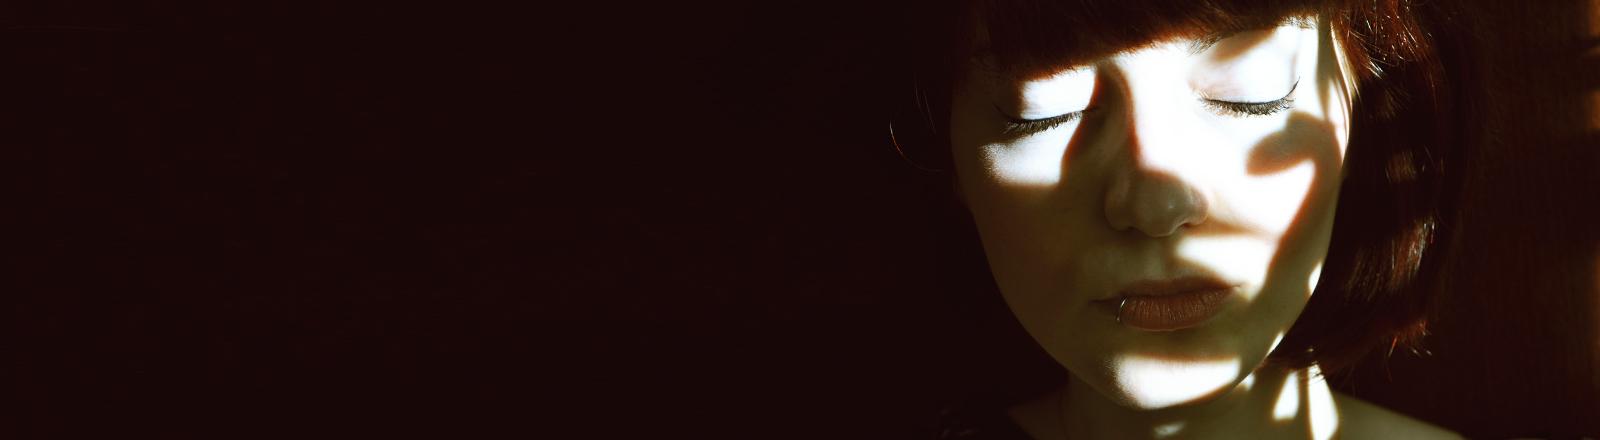 Eine Frau im Schatten hat die Augen geschlossen.